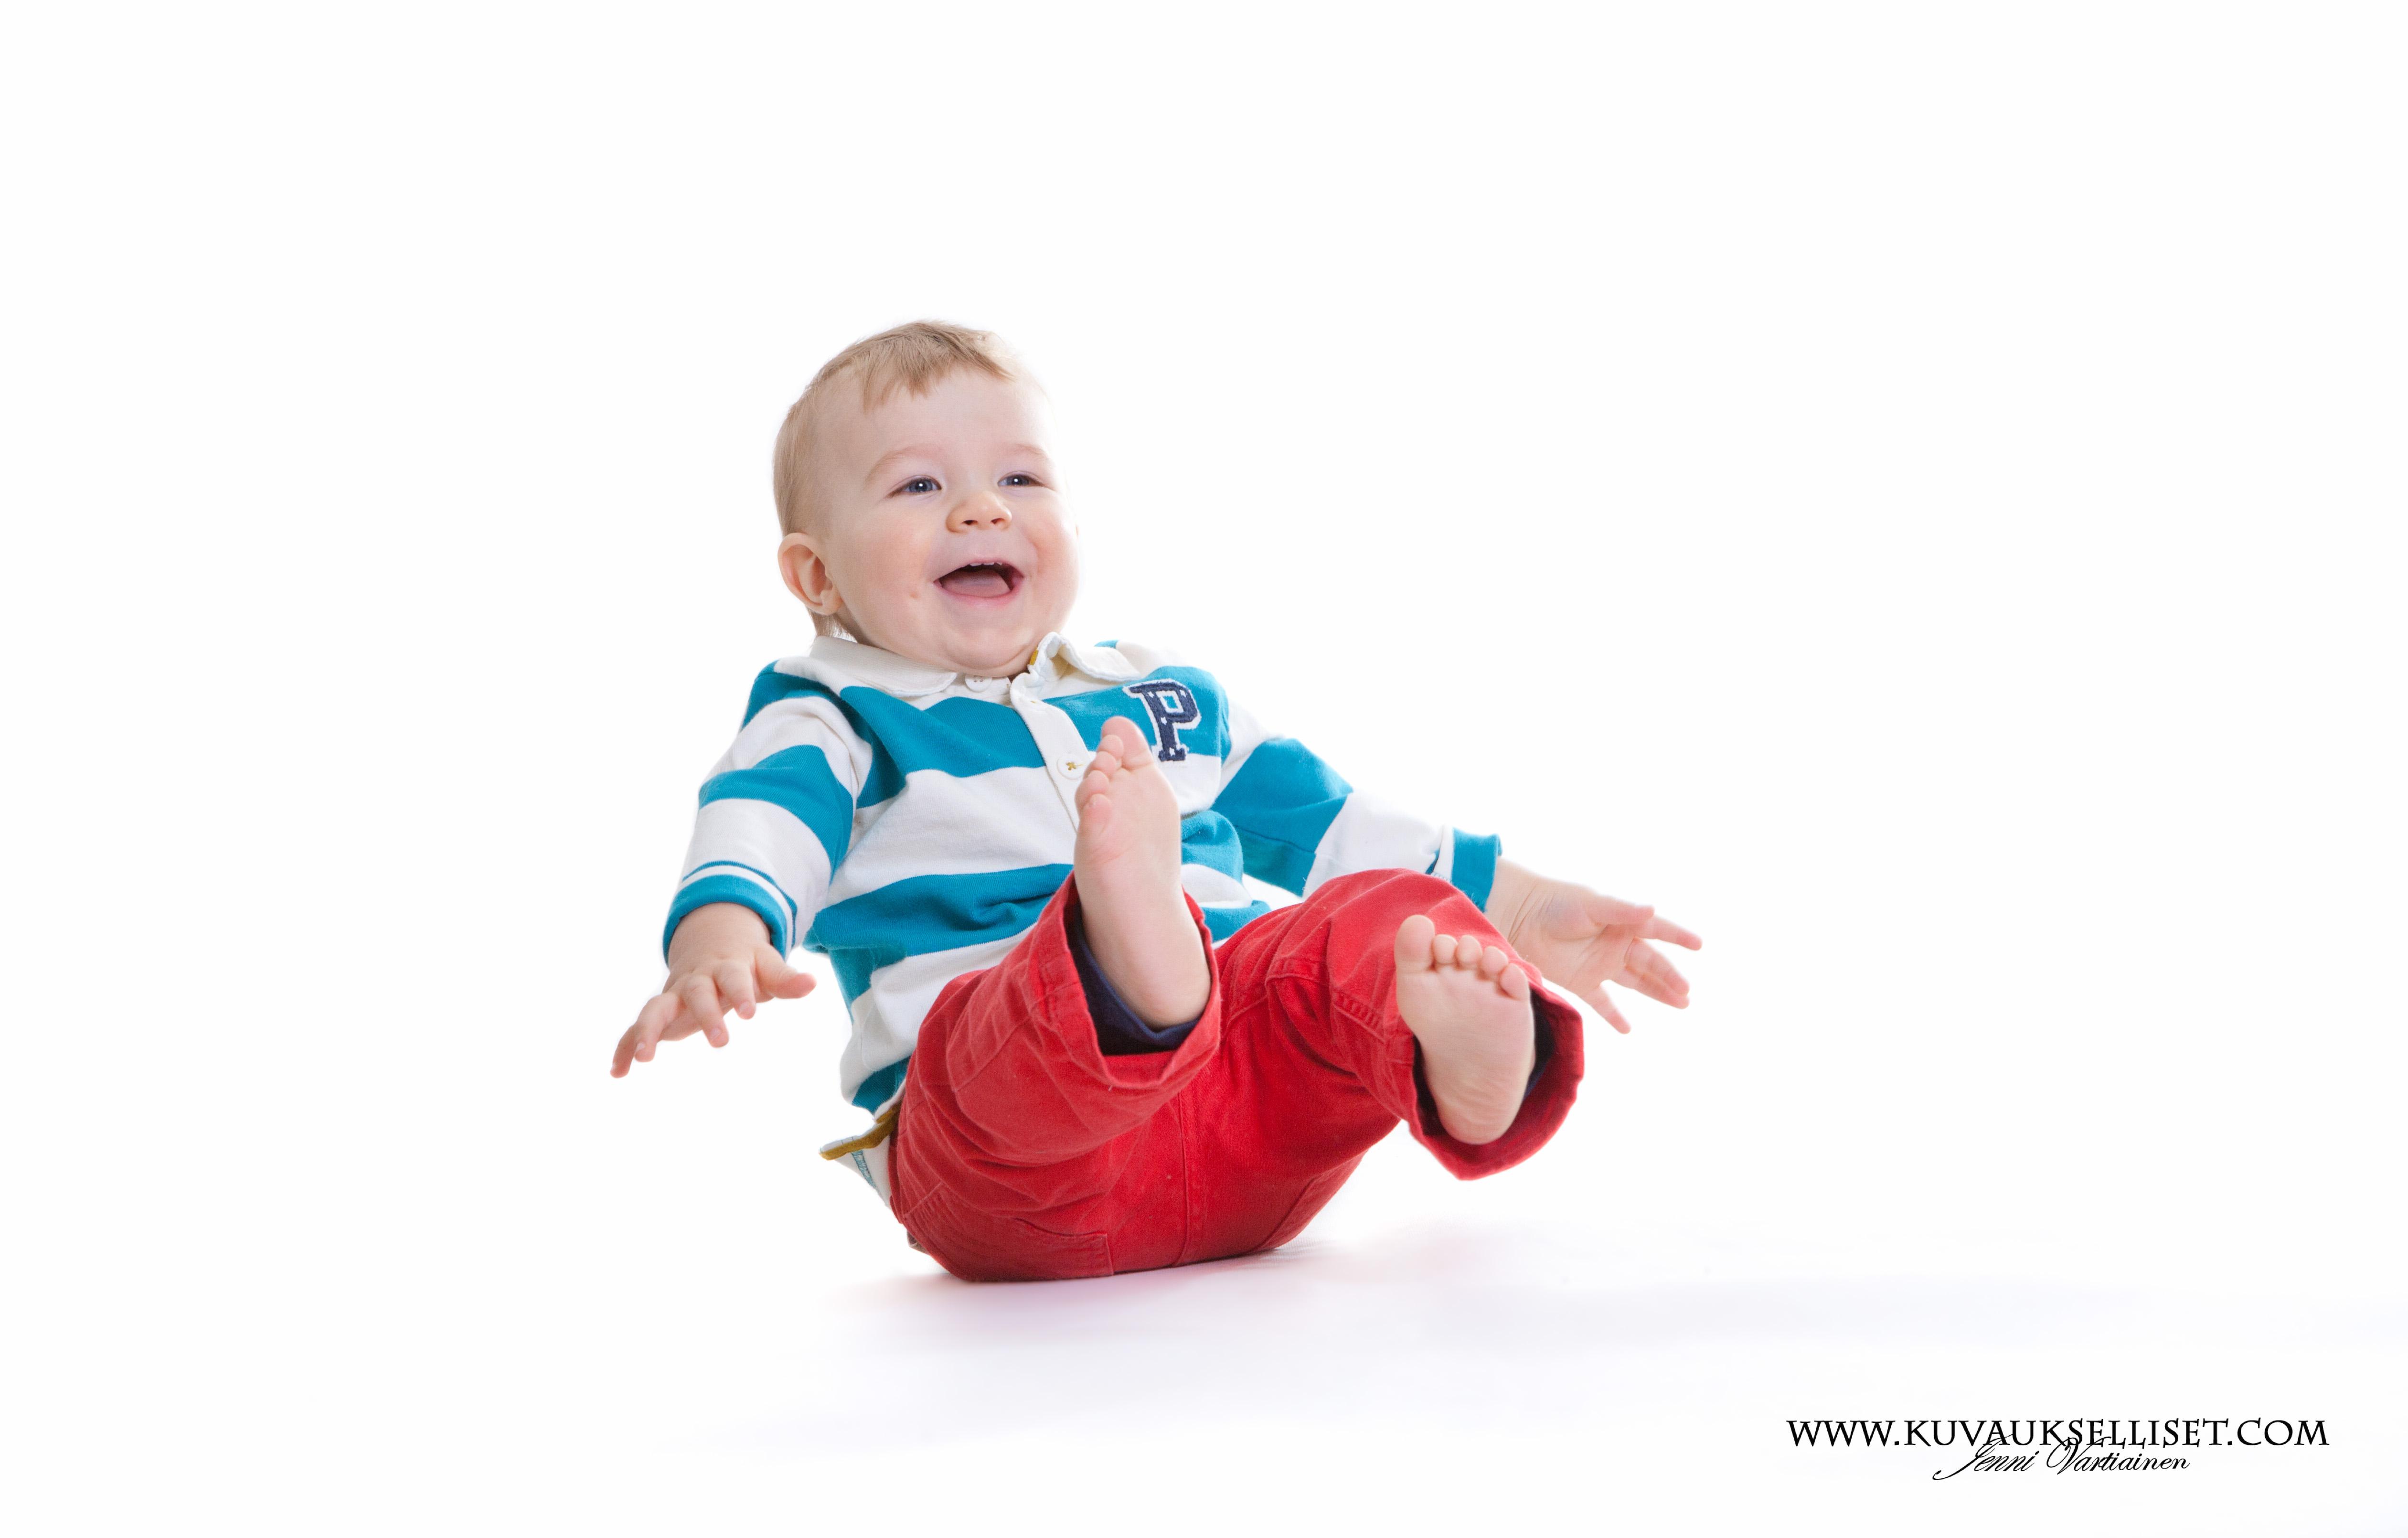 2014.10.6 1-vuotiskuvaus perhekuvaus lapsikuvaus miljöökuvaus perhekuvaus sisaruskuvaus family pictures päiväkotikuvaus-6